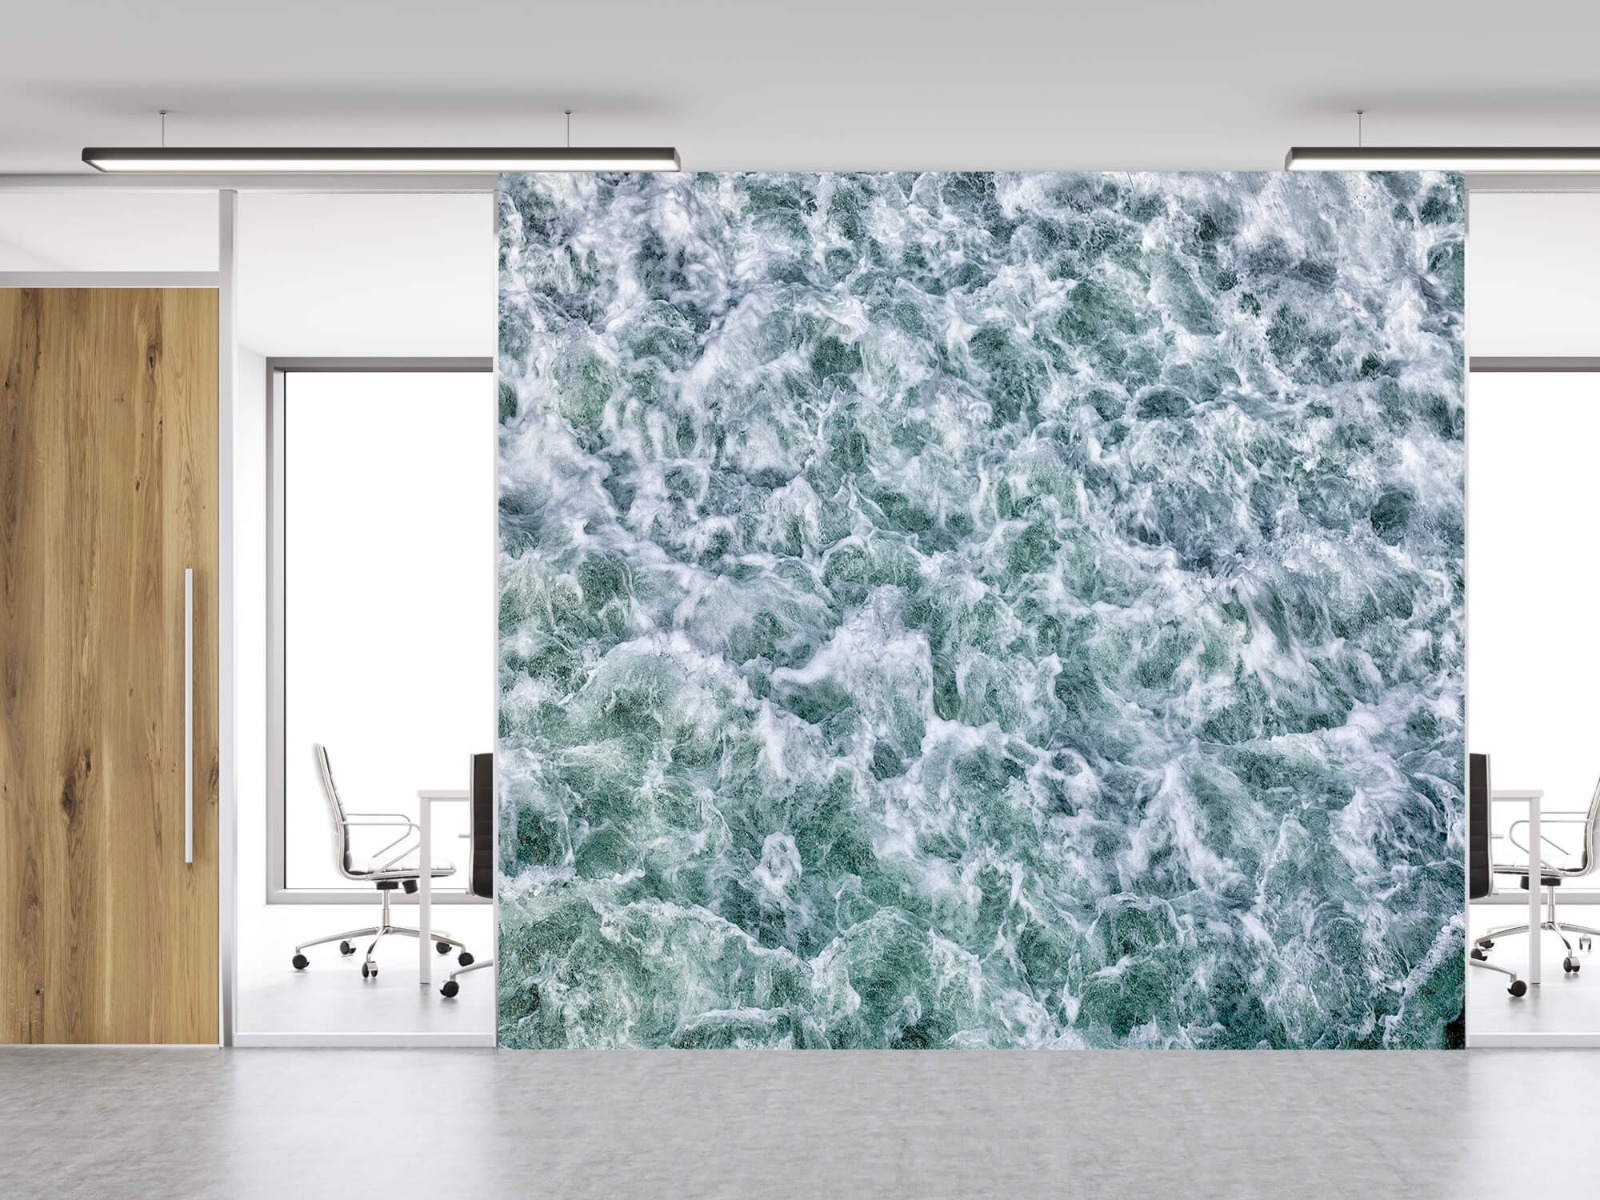 Zeeën en Oceanen - Wild kolkend water - Keuken 3